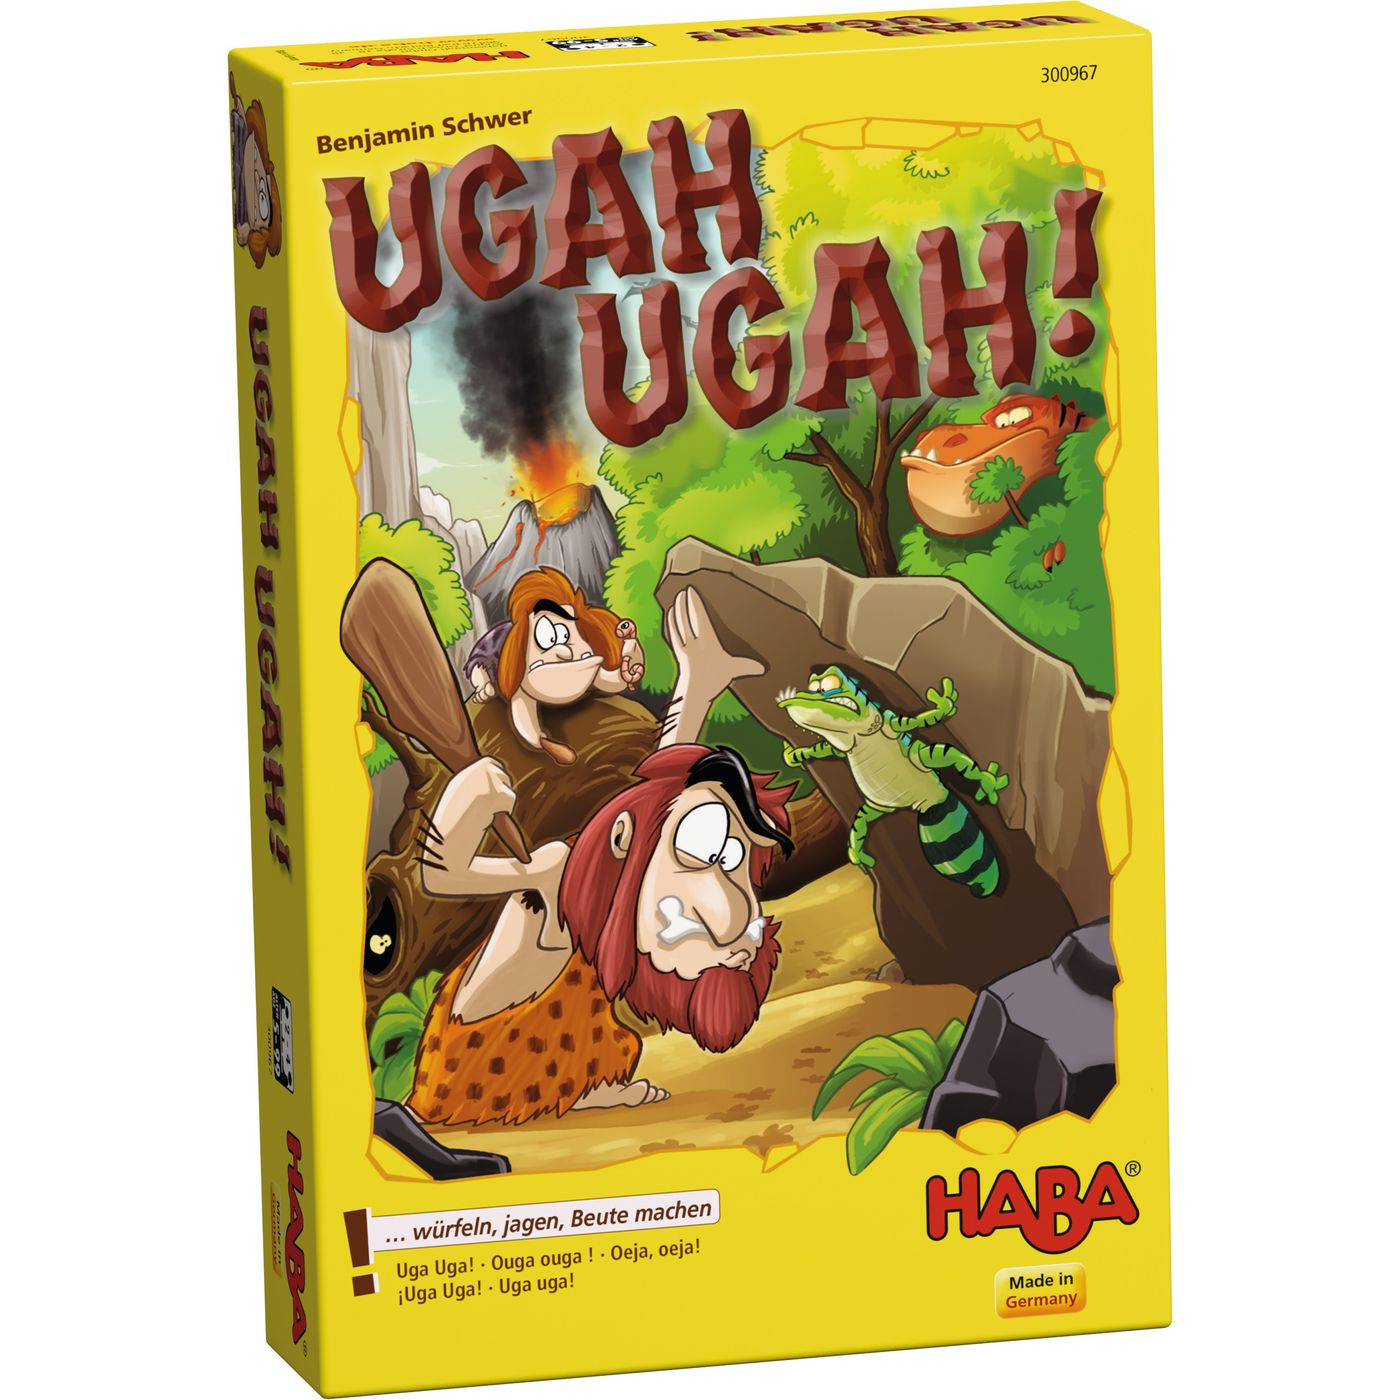 Ugah Ugah! HABA 300967